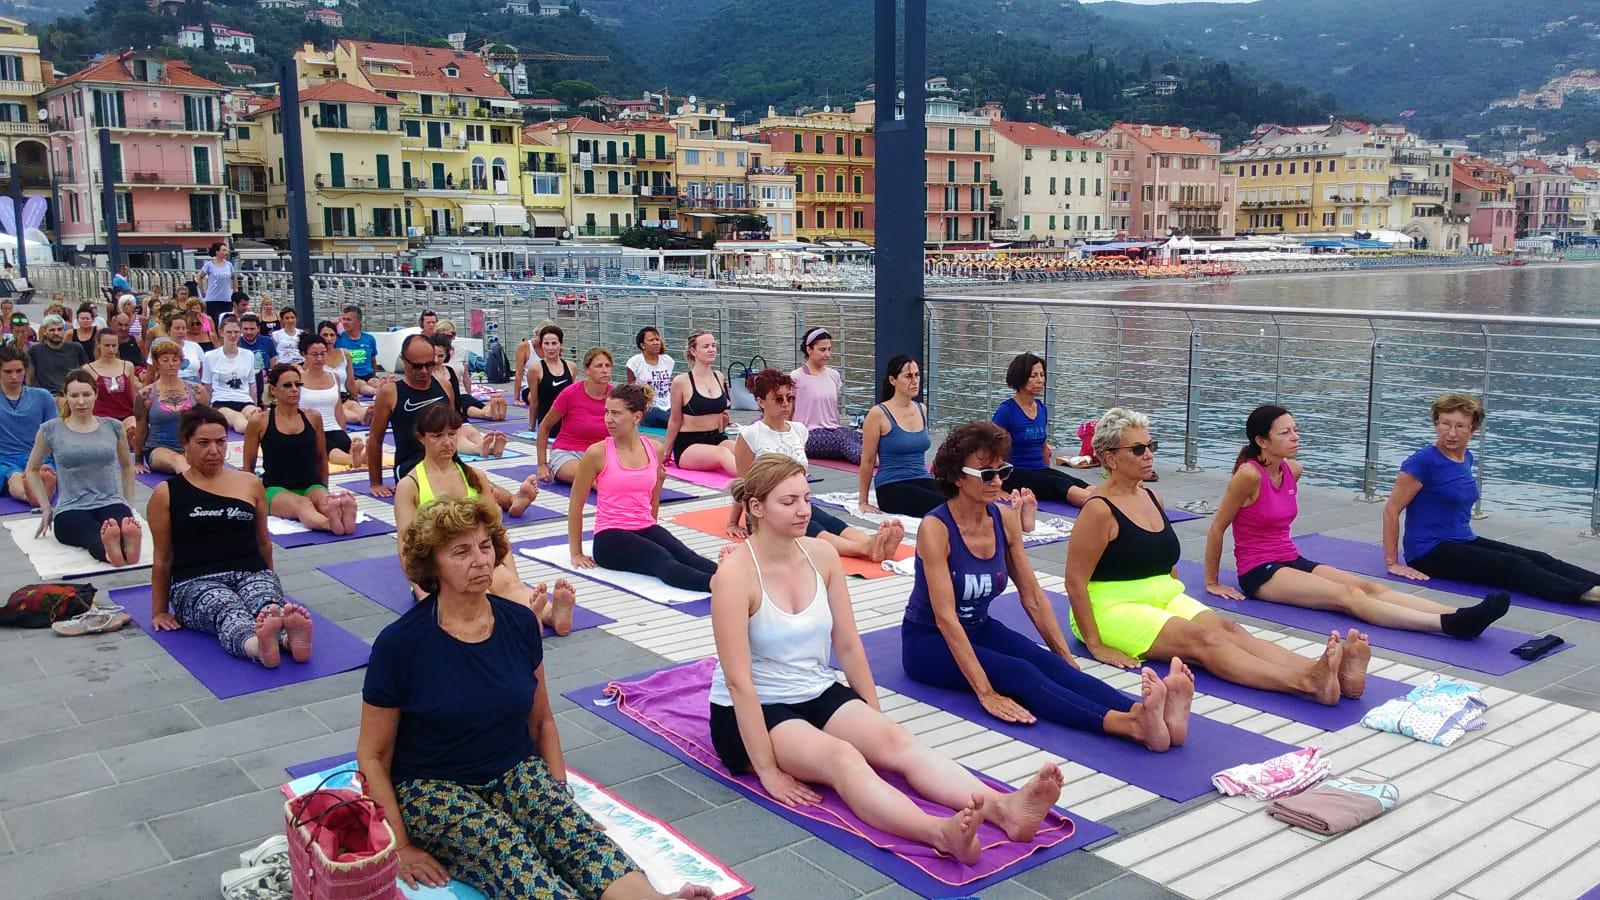 essere-free-yoga-gratuito-benessere-per-tutti-village-citta-alassio-estate-lucia-ragazzi-summer-town-wellness-78